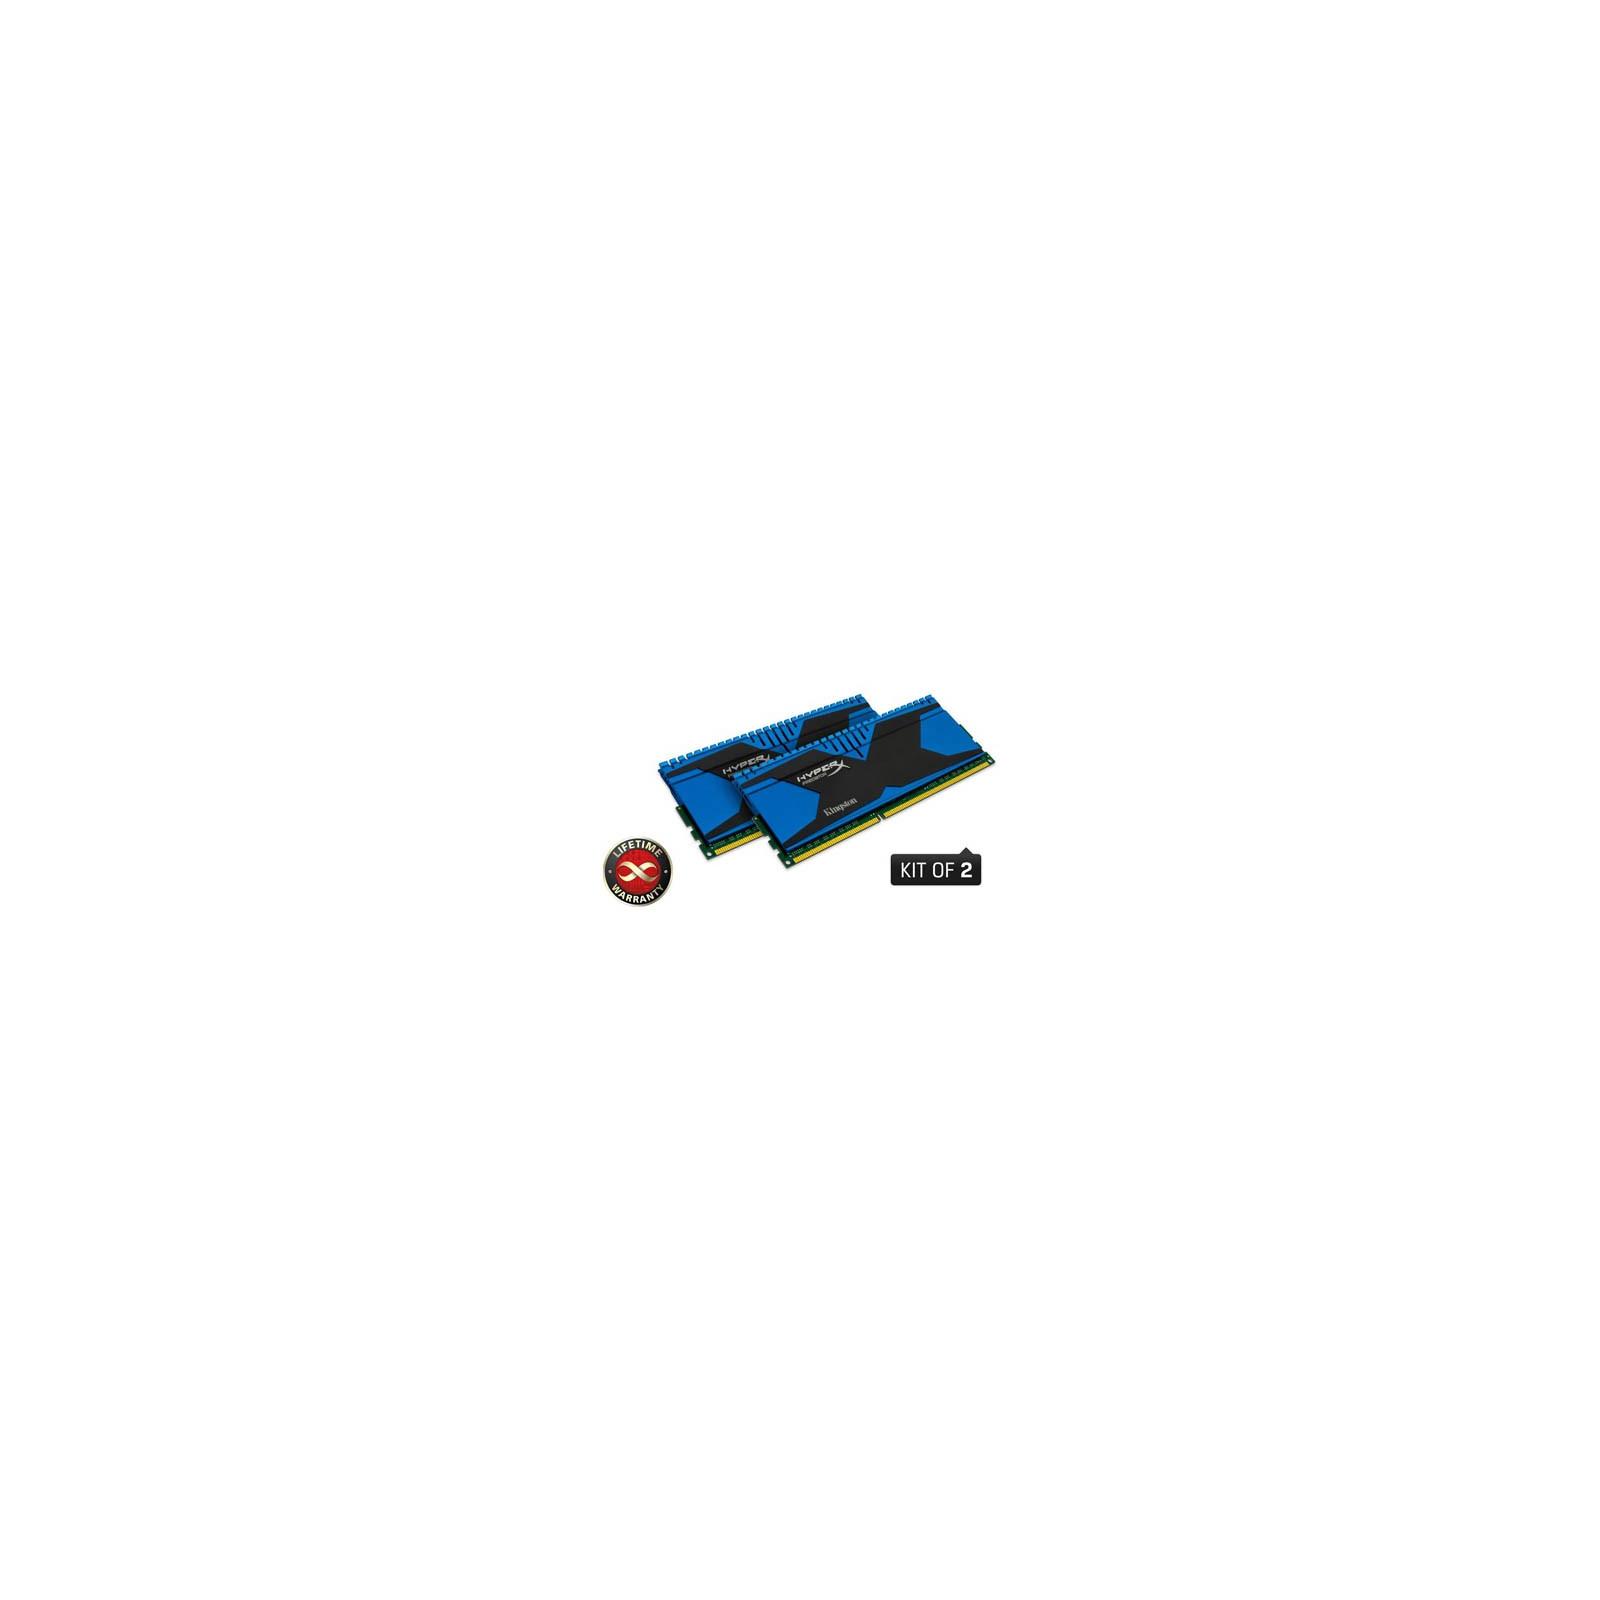 Модуль памяти для компьютера DDR3 16GB (2x8GB) 1866 MHz Kingston (KHX18C10T2K2/16X)